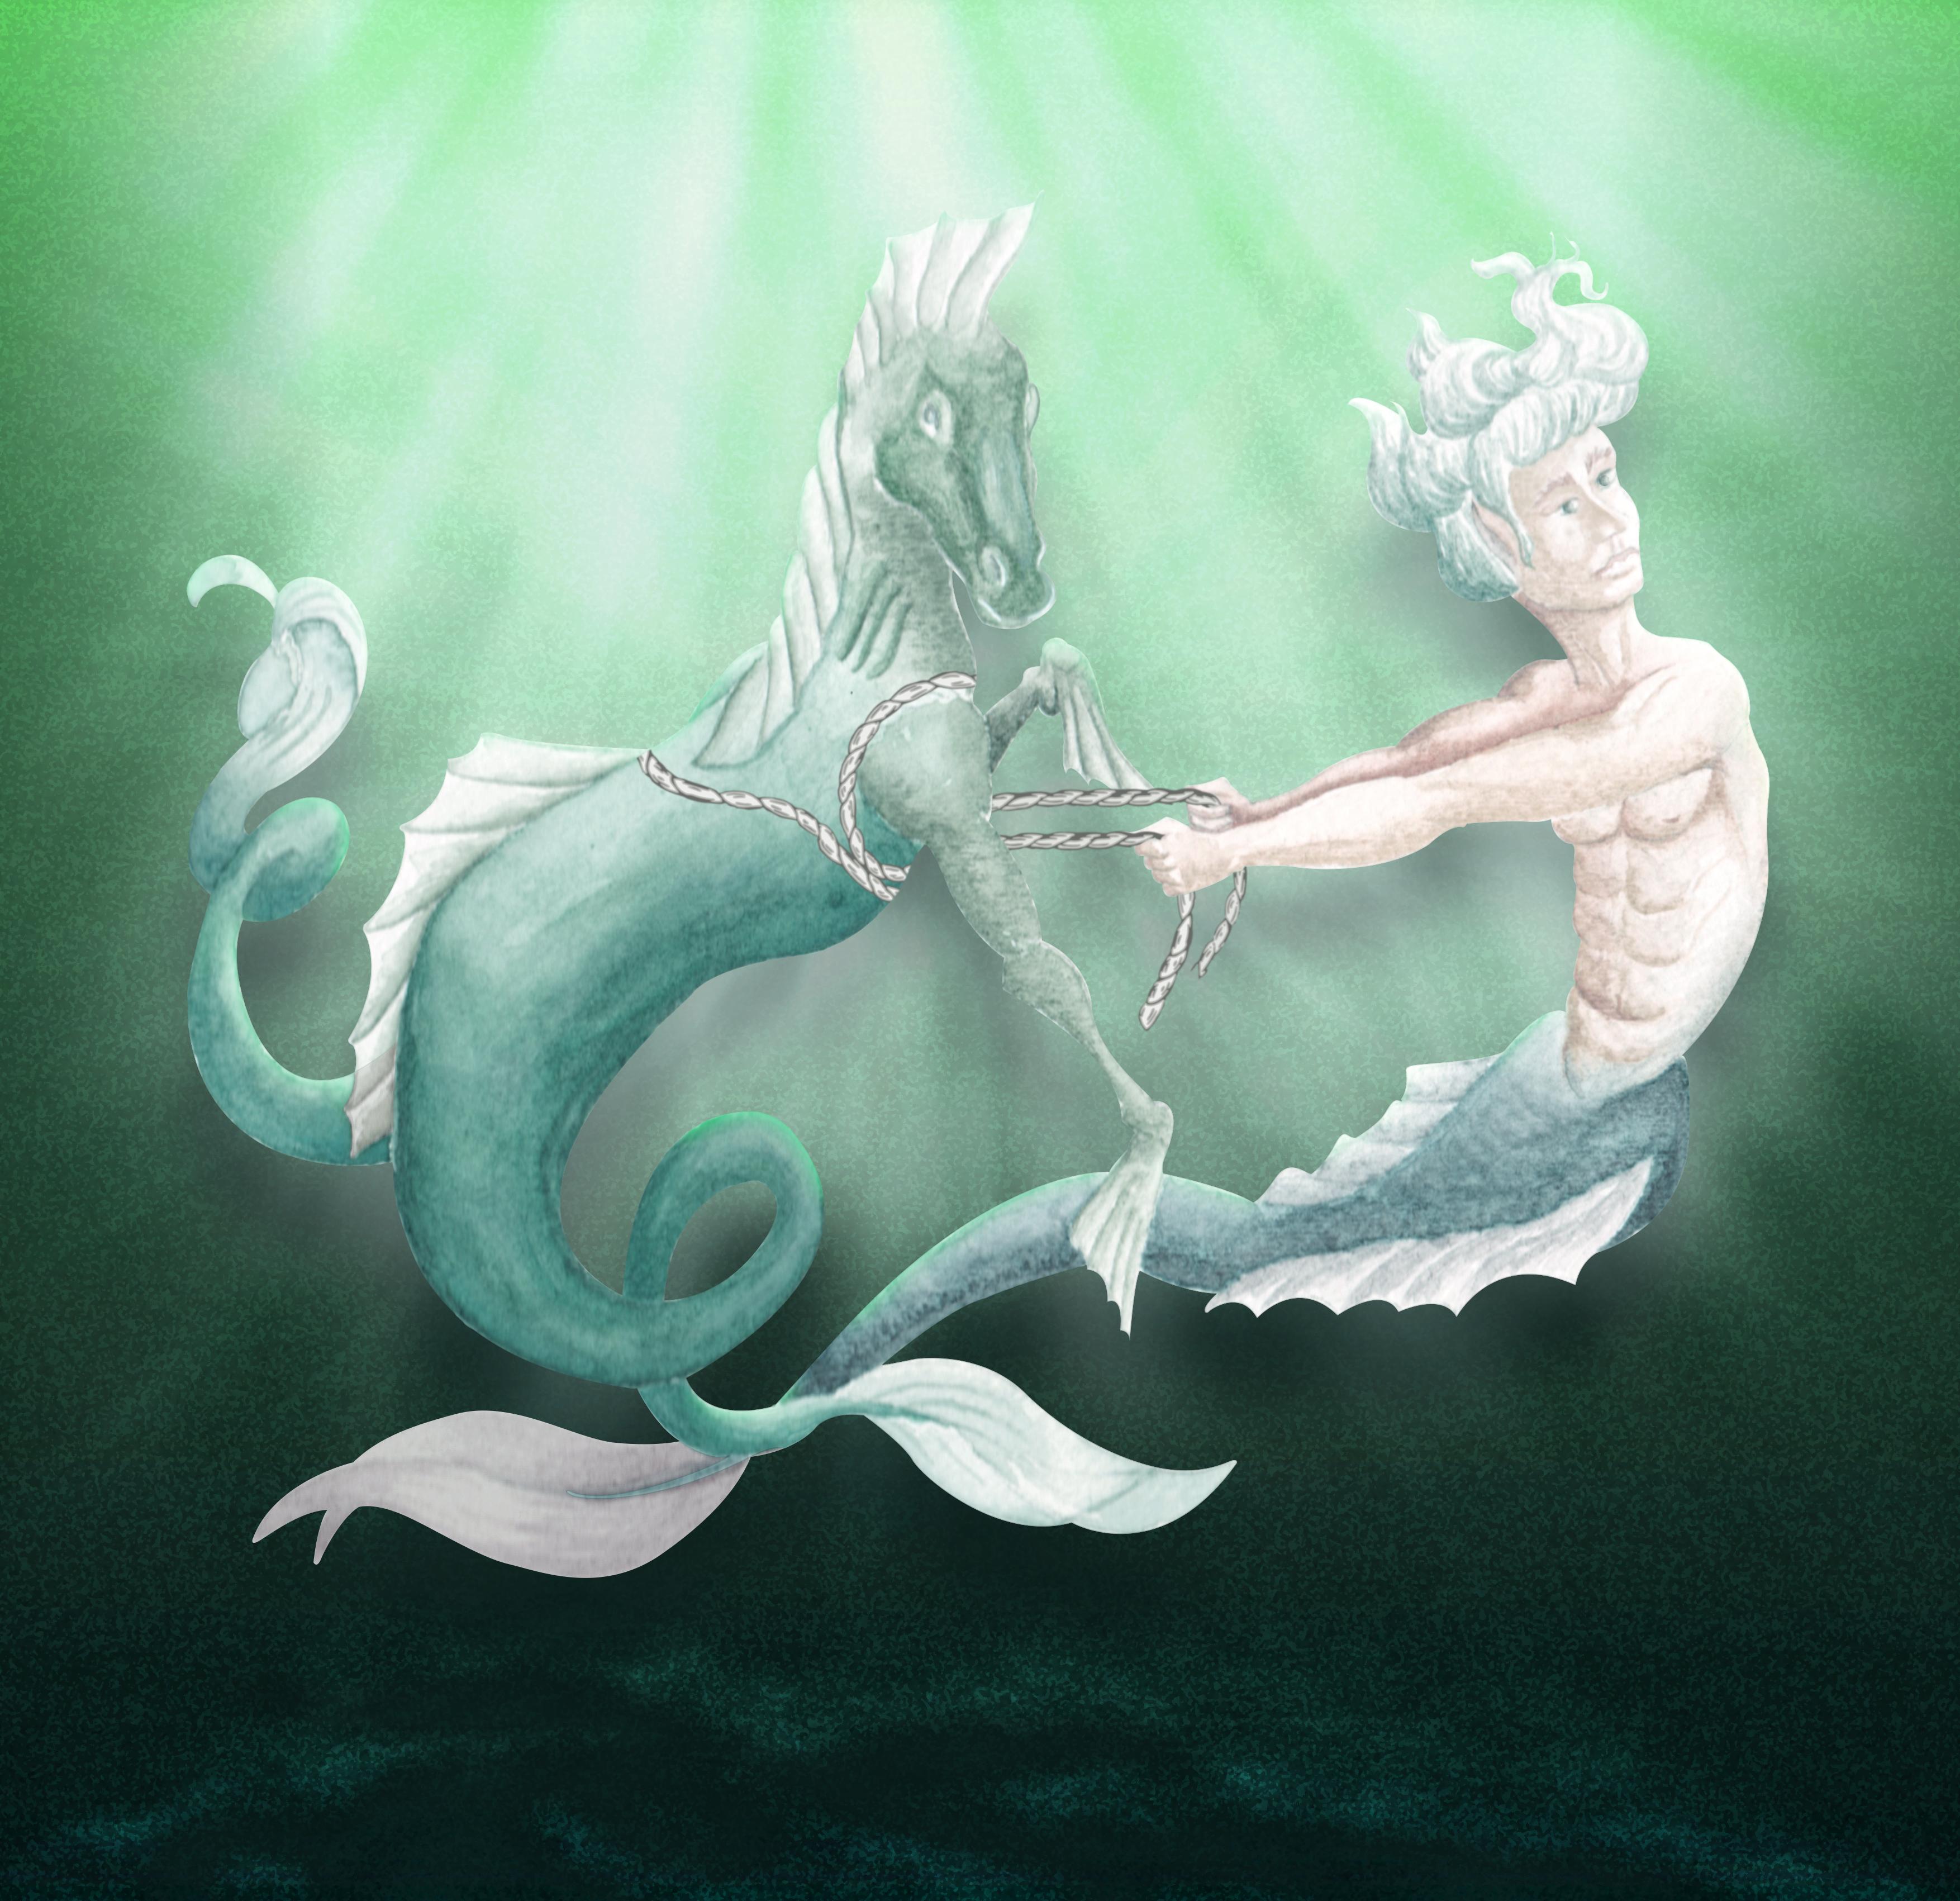 Merfolks, denizatının evcilleşmesi